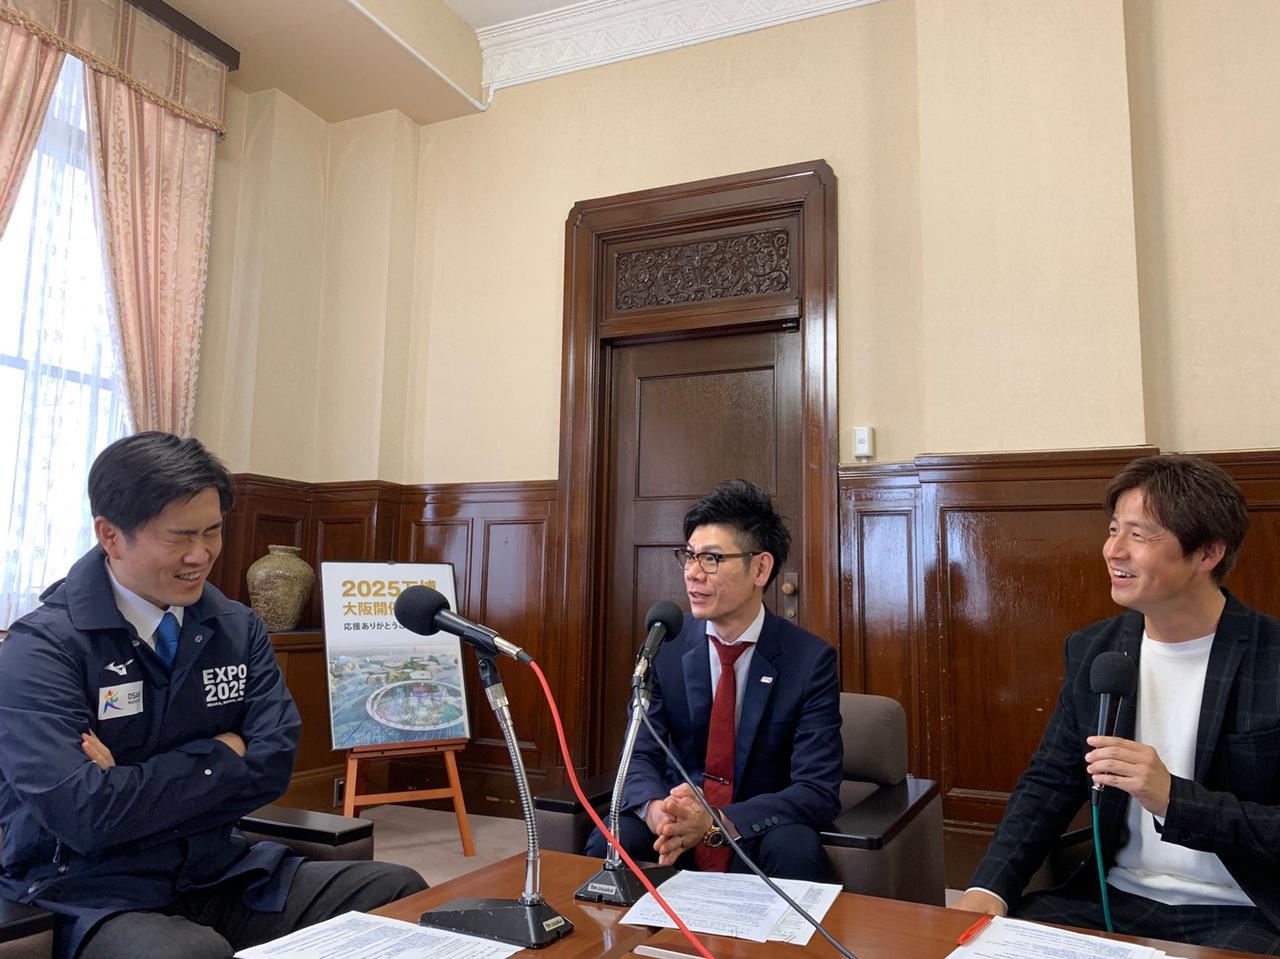 画像2: 今週のミライ・リーダーは大阪府知事・吉村洋文さん。